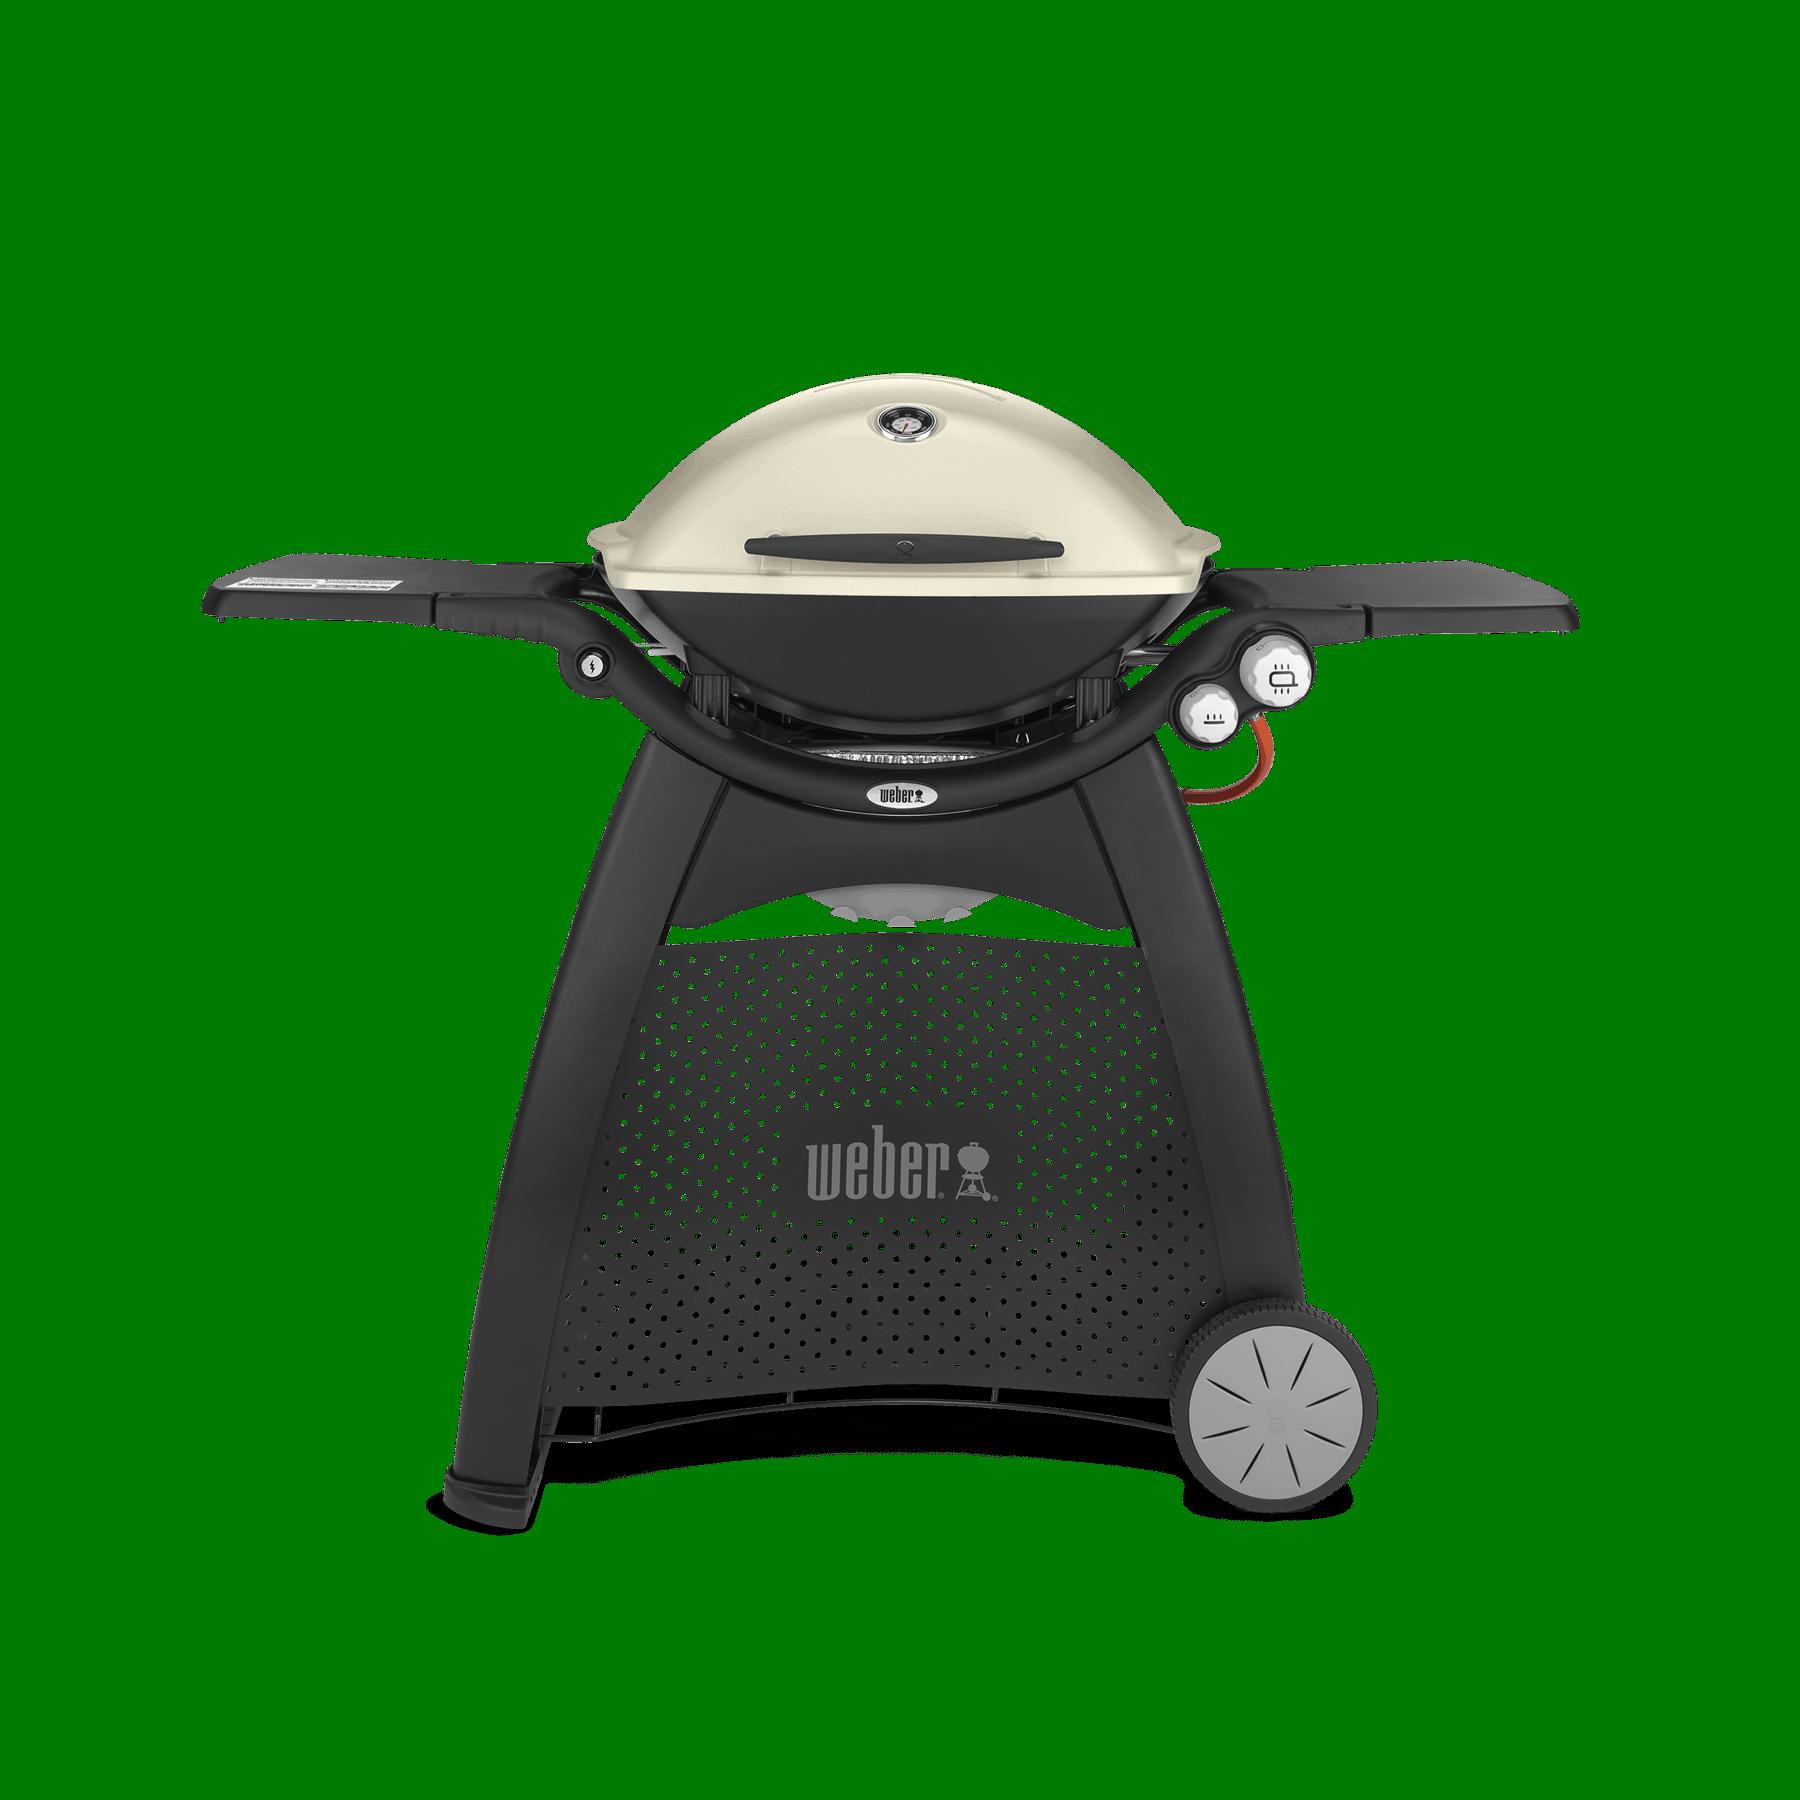 WEBER Q 3200 燃气烤炉